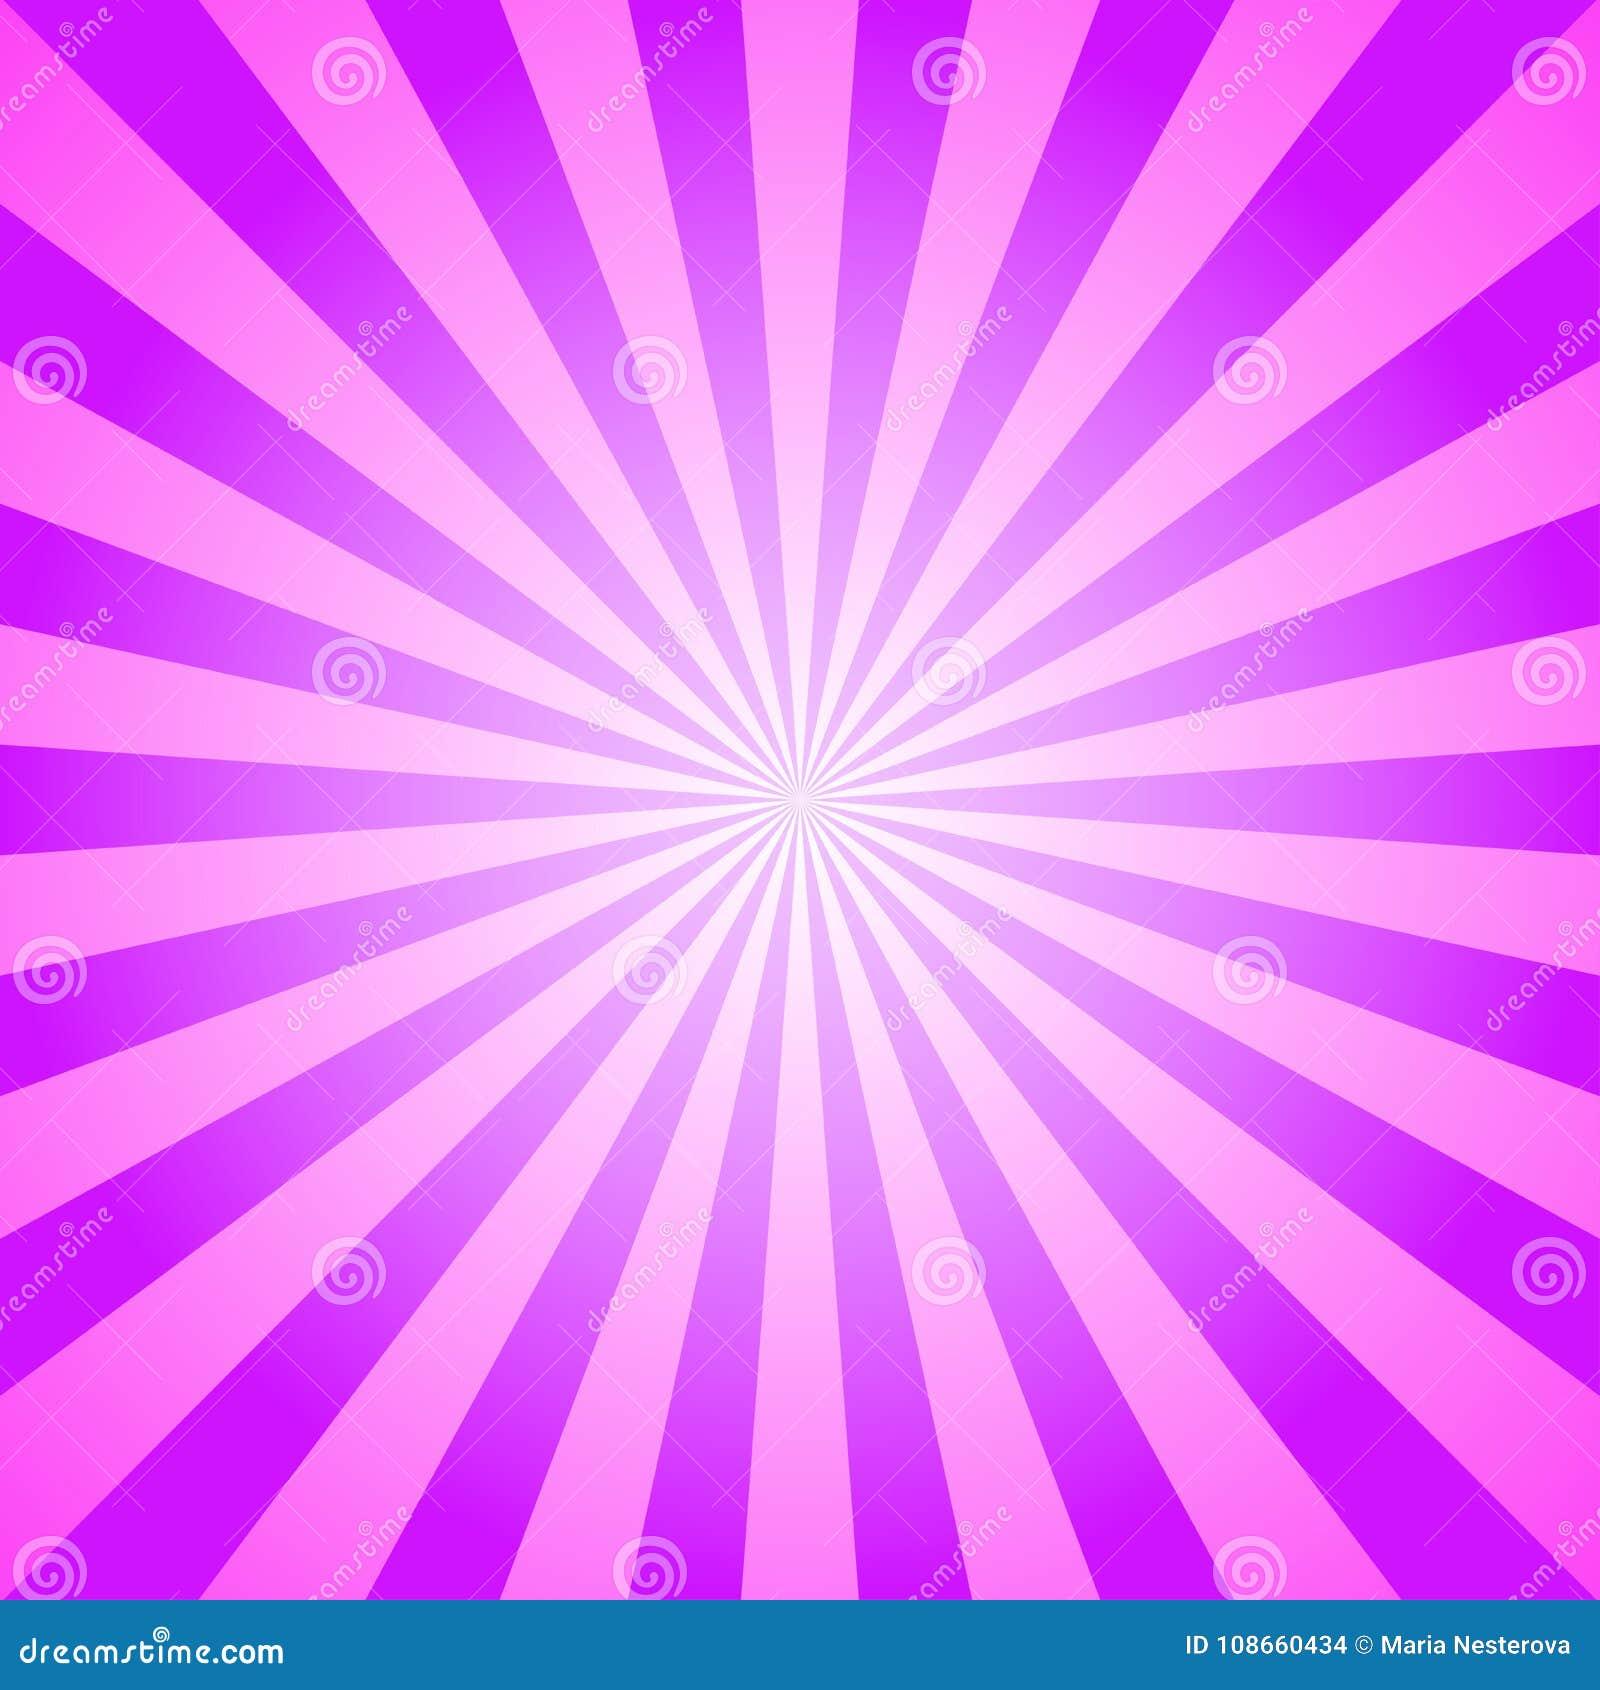 Sunlight background. Violet and pink color burst background. Fantasy Vector illustration. Magic Sun